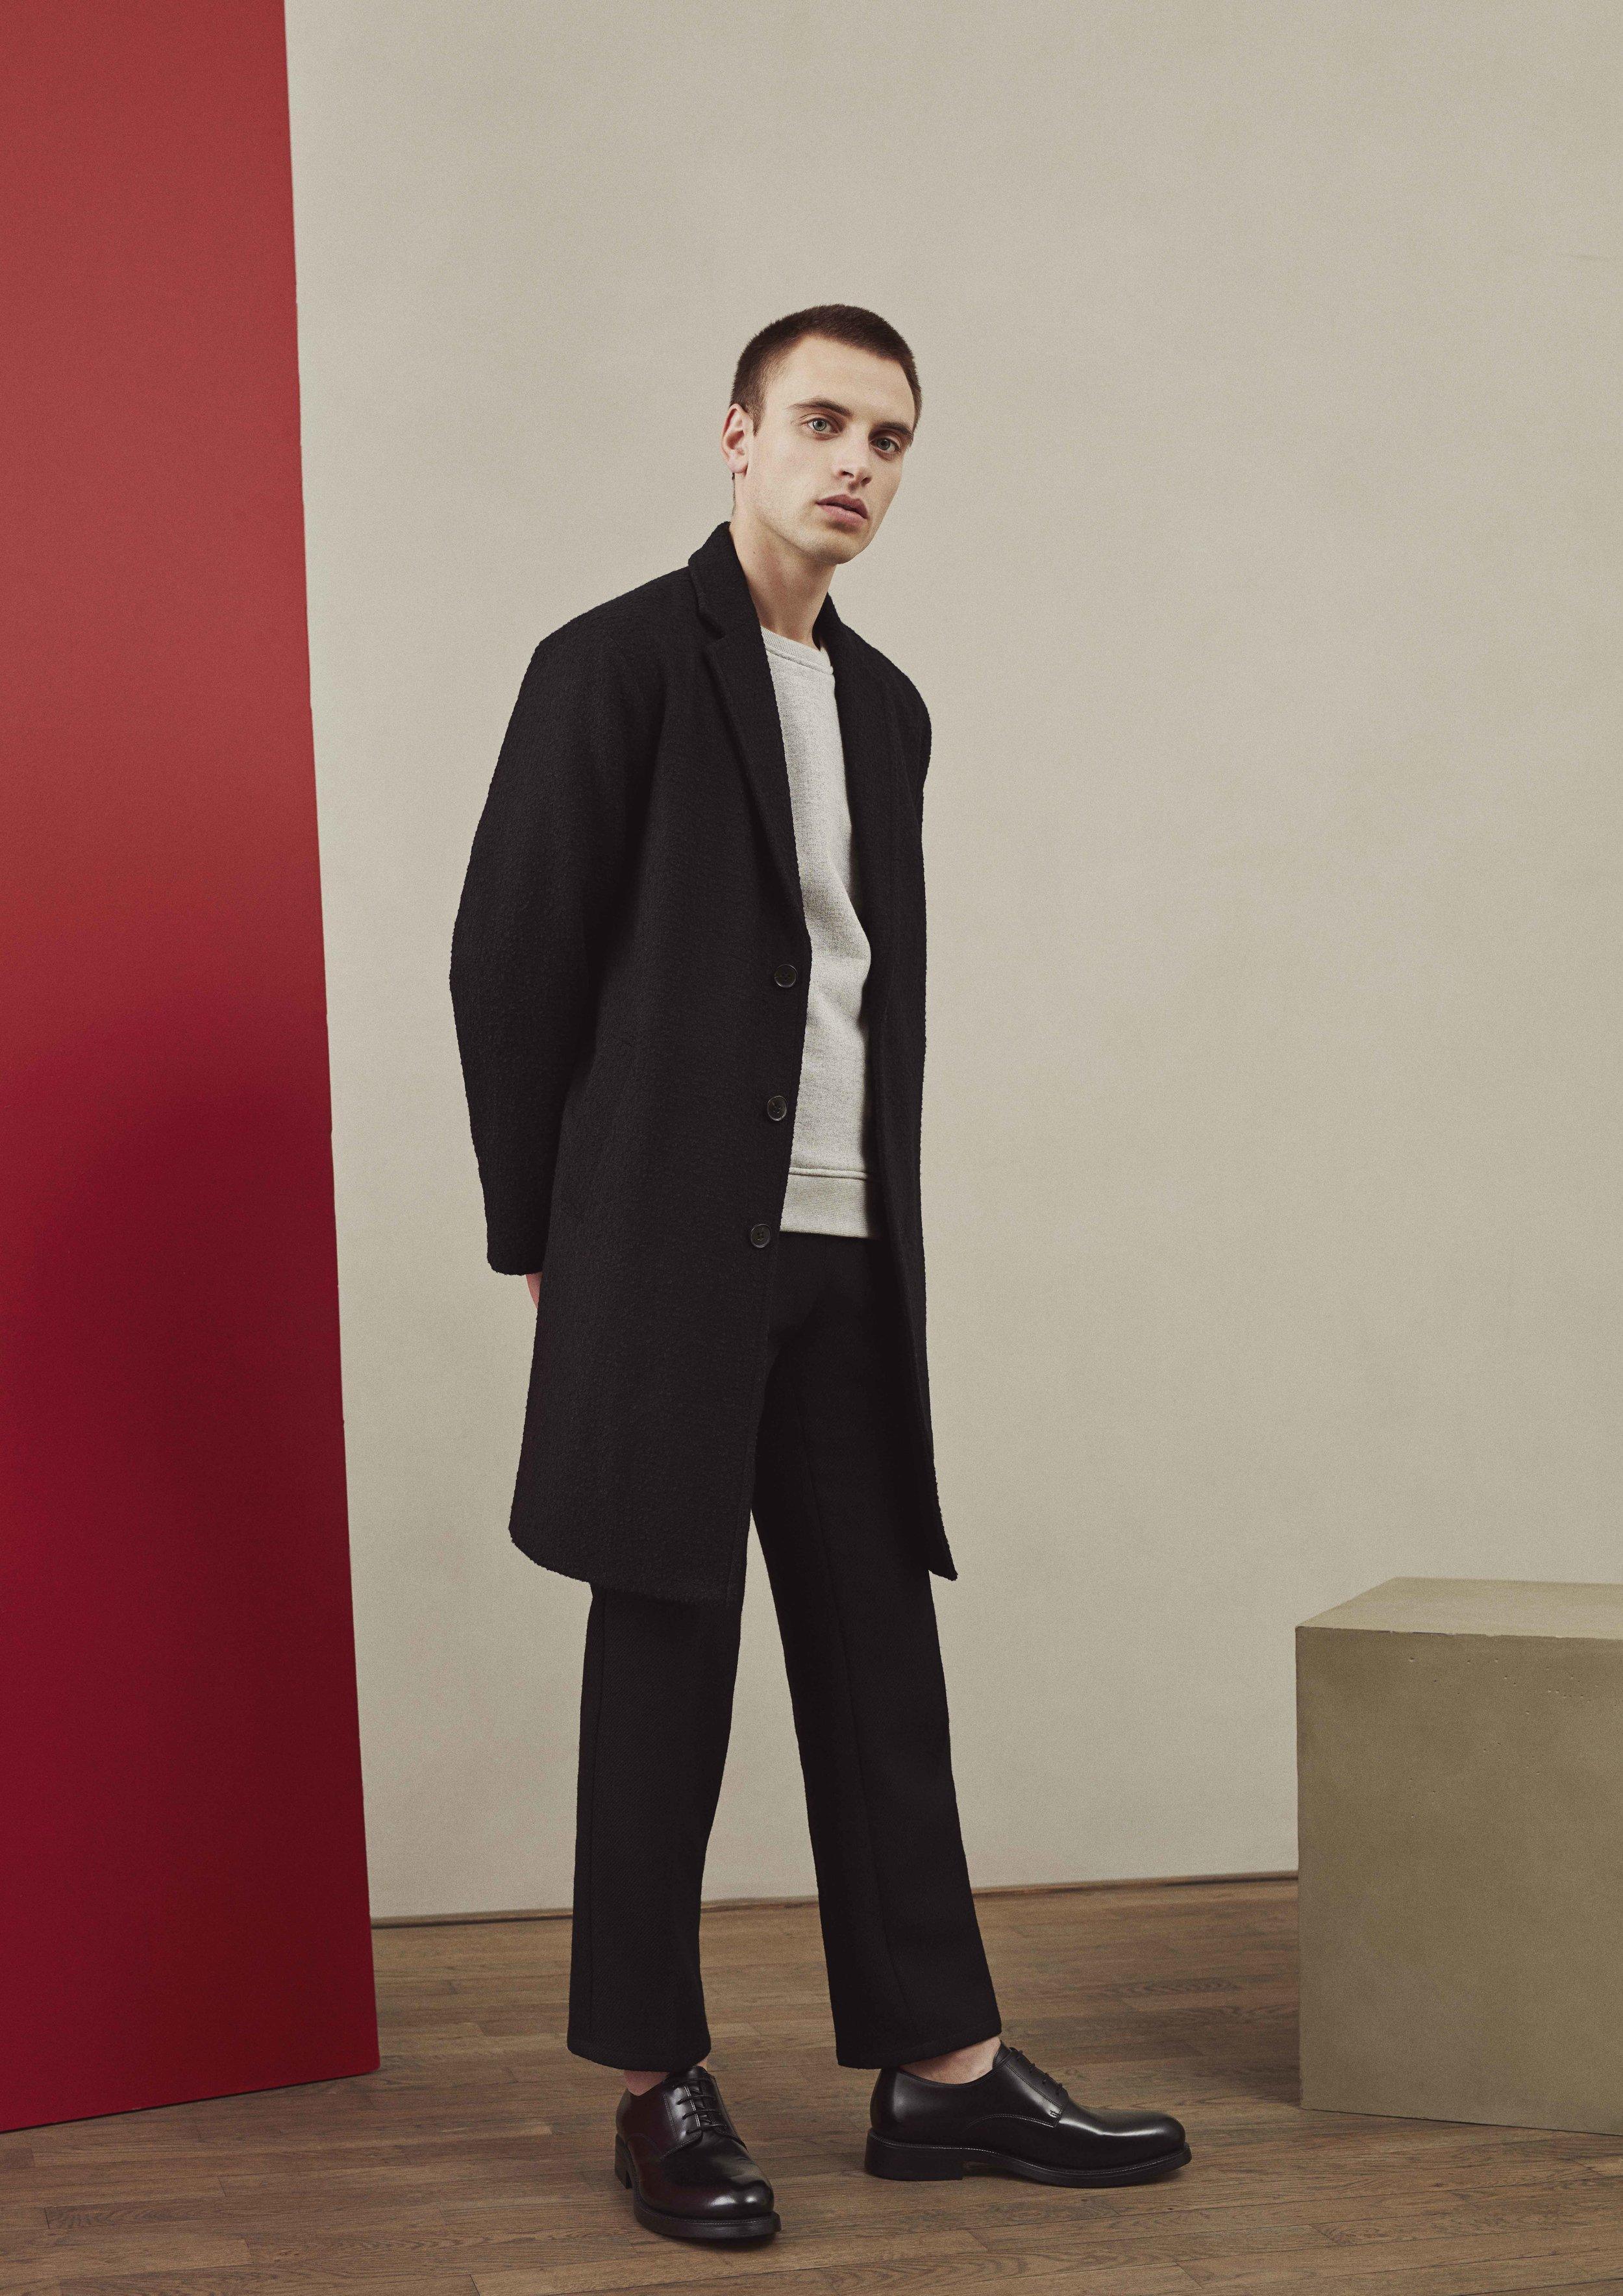 <b>9</b><br>Anton Textured Wool Coat<br>Leonard Sweatshirt<br>Felix Highland Wool Pants